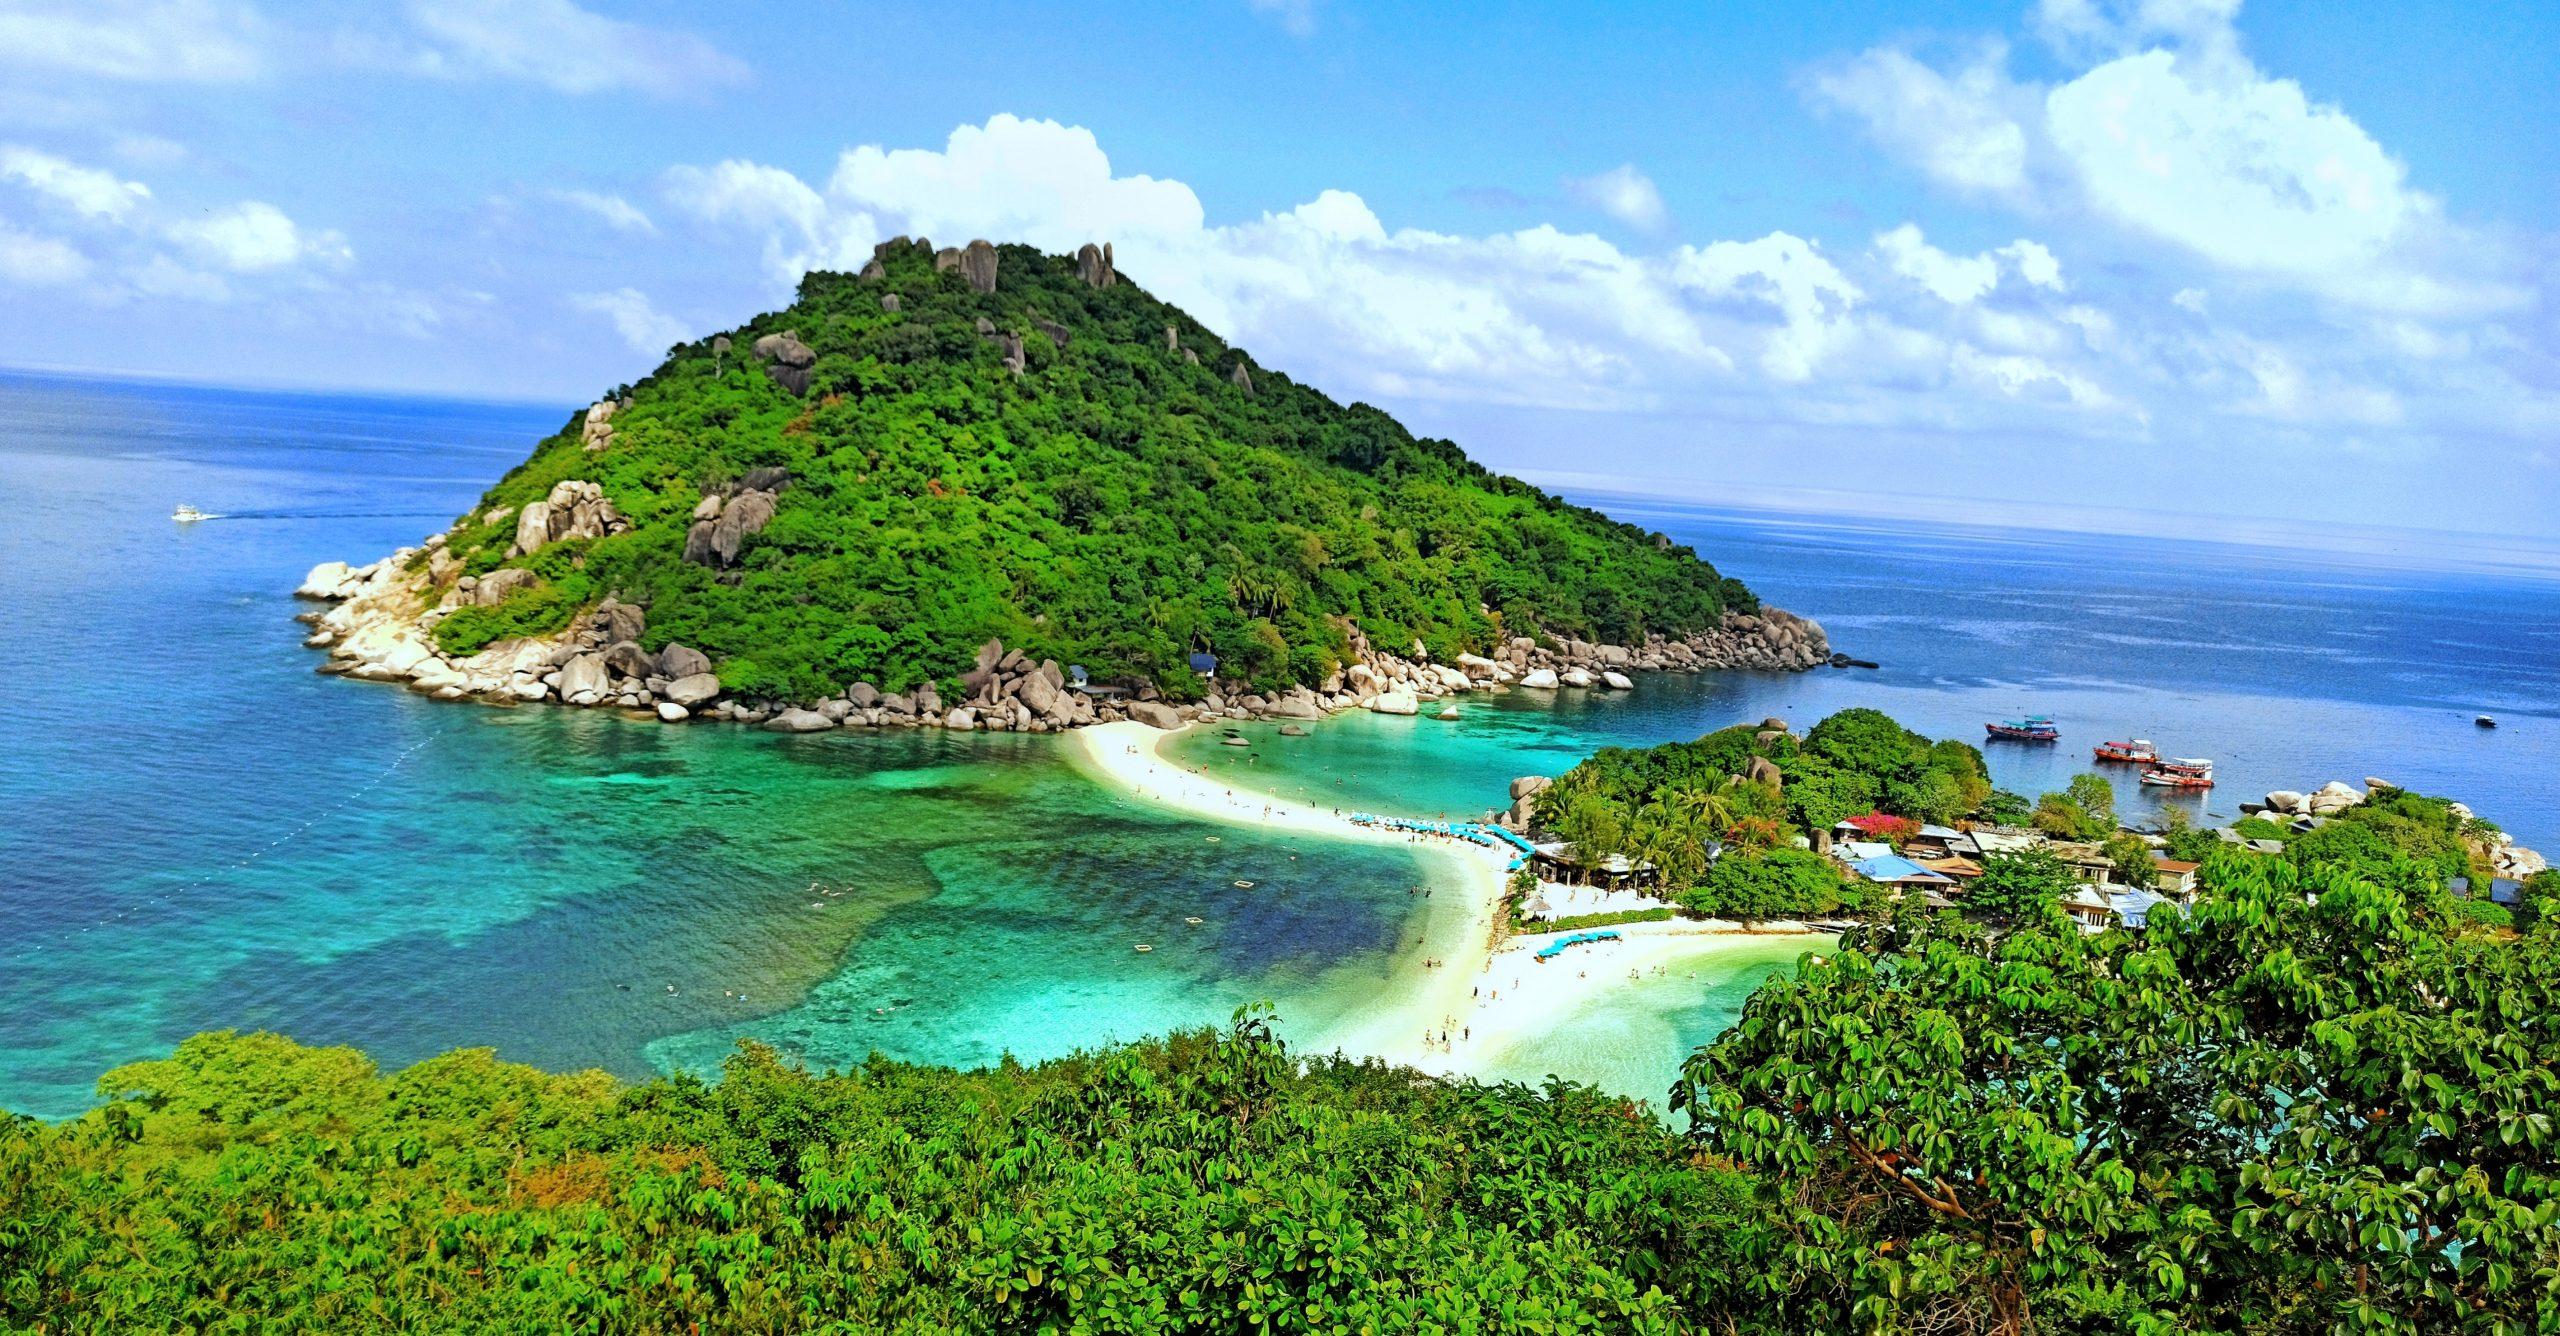 Koh Nang Yuan island in Thailand